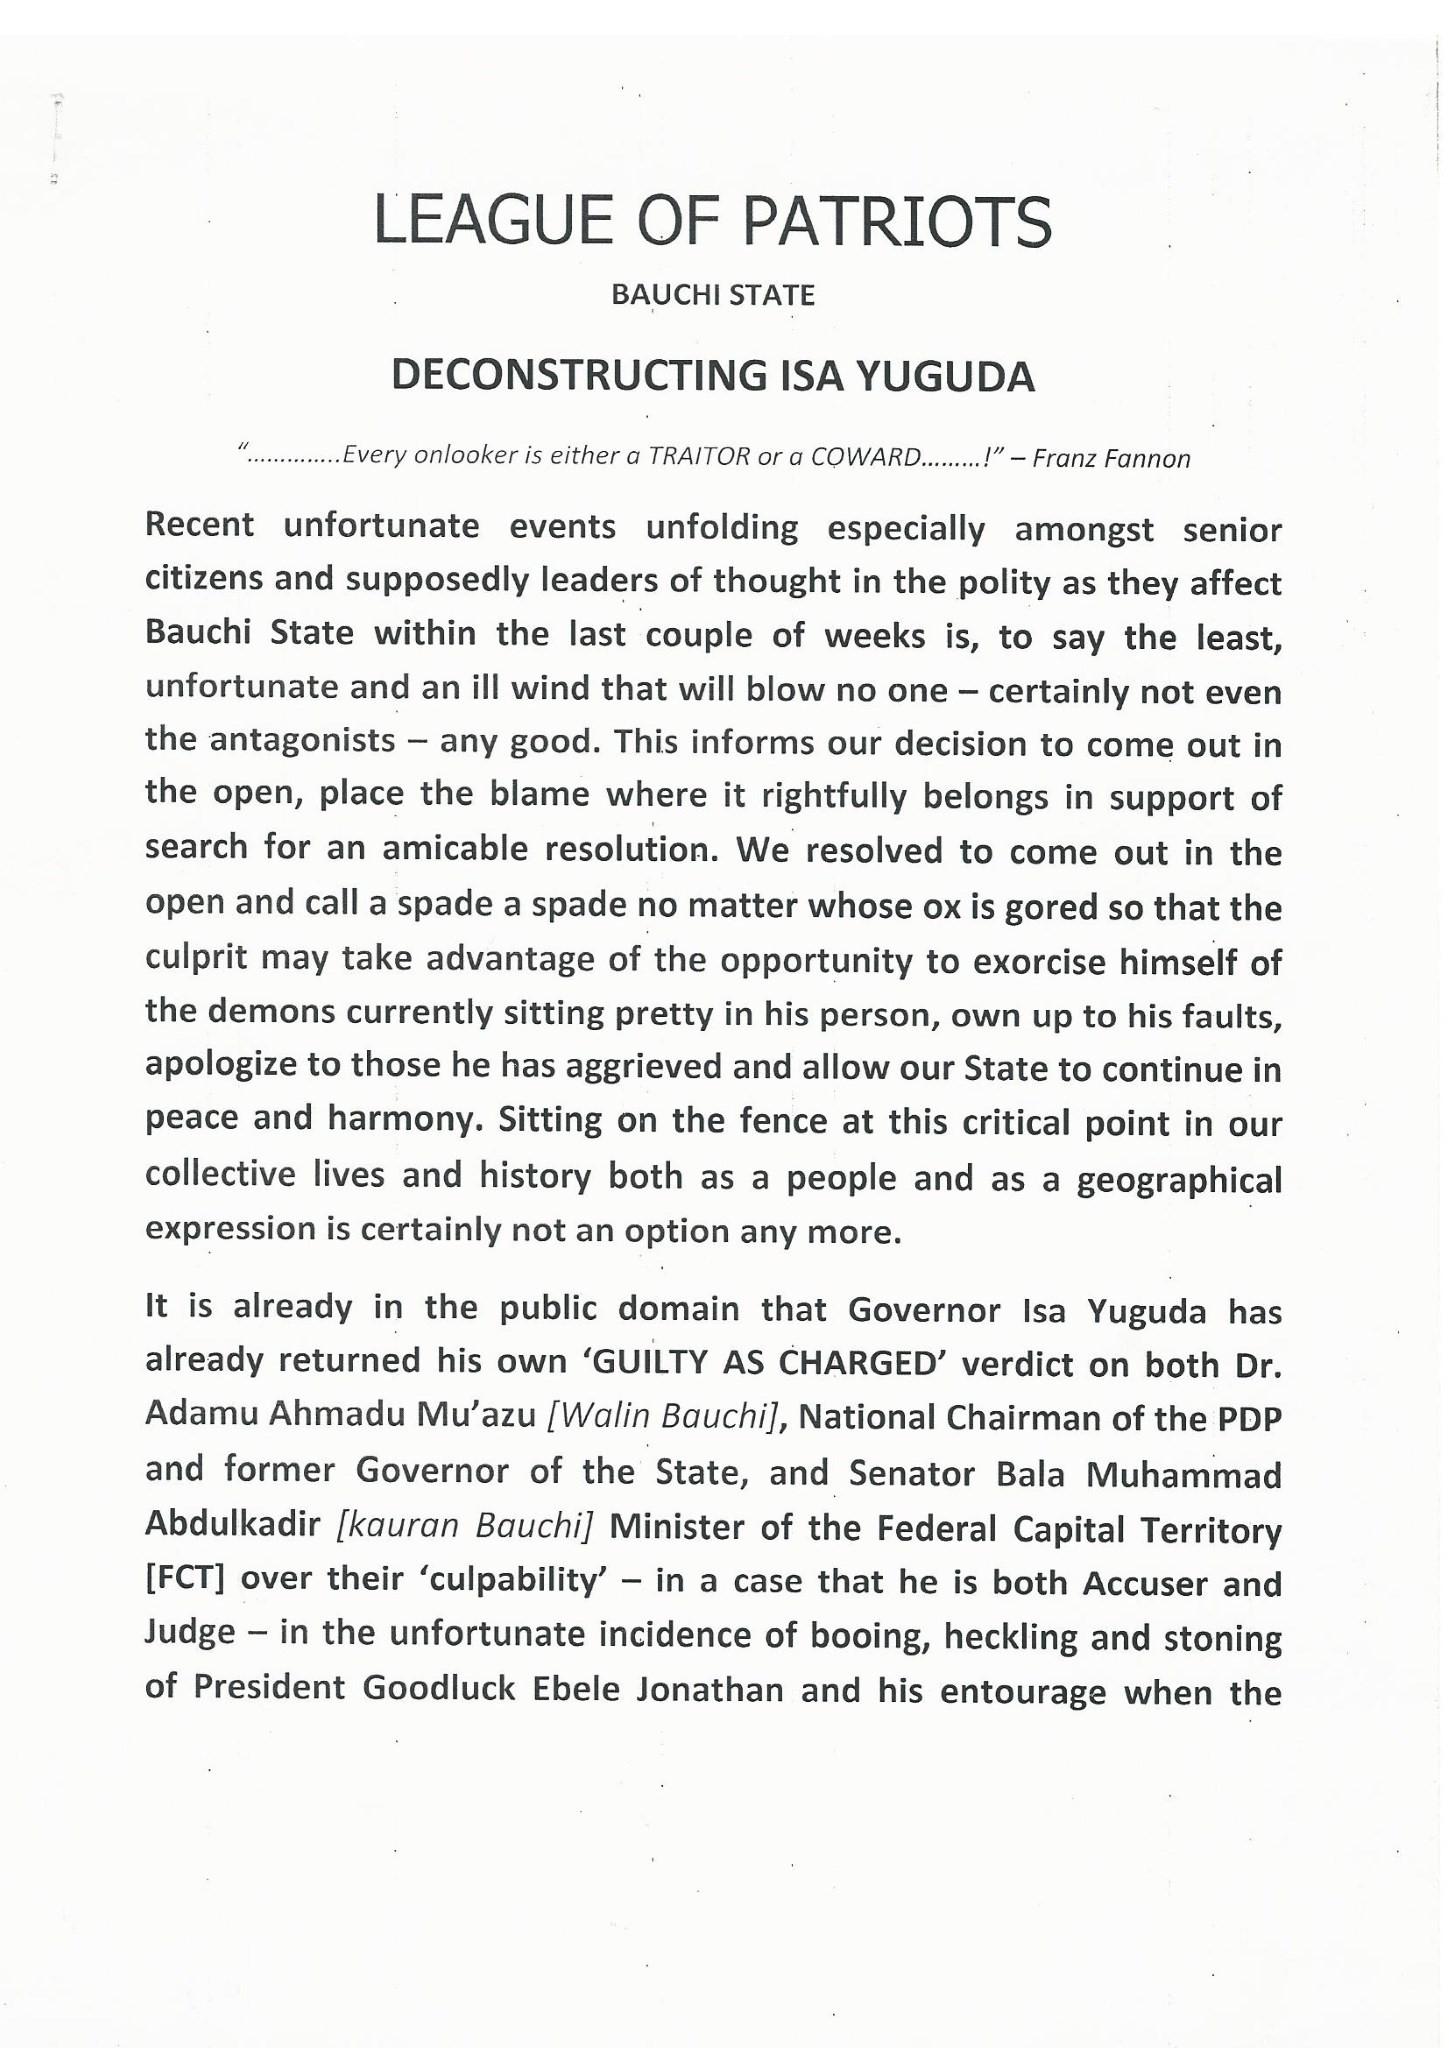 Deconstructing Isa Yuguda – League Of Patriots Bauchi State